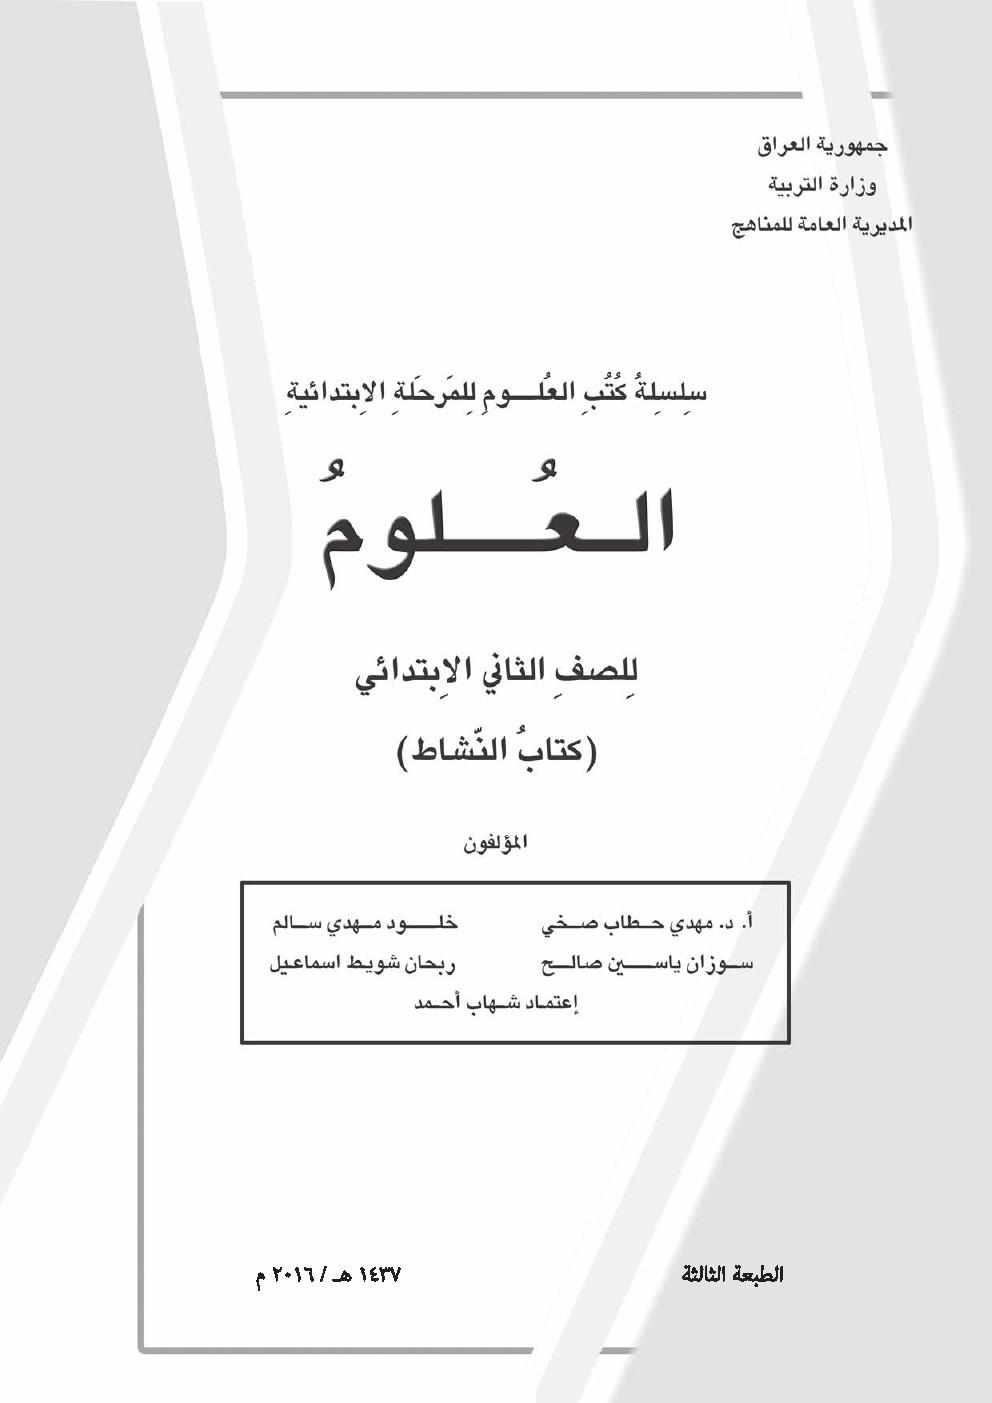 كتاب نشاط مادة العلوم للصف الثاني الابتدائي المنهج الجديد 2016